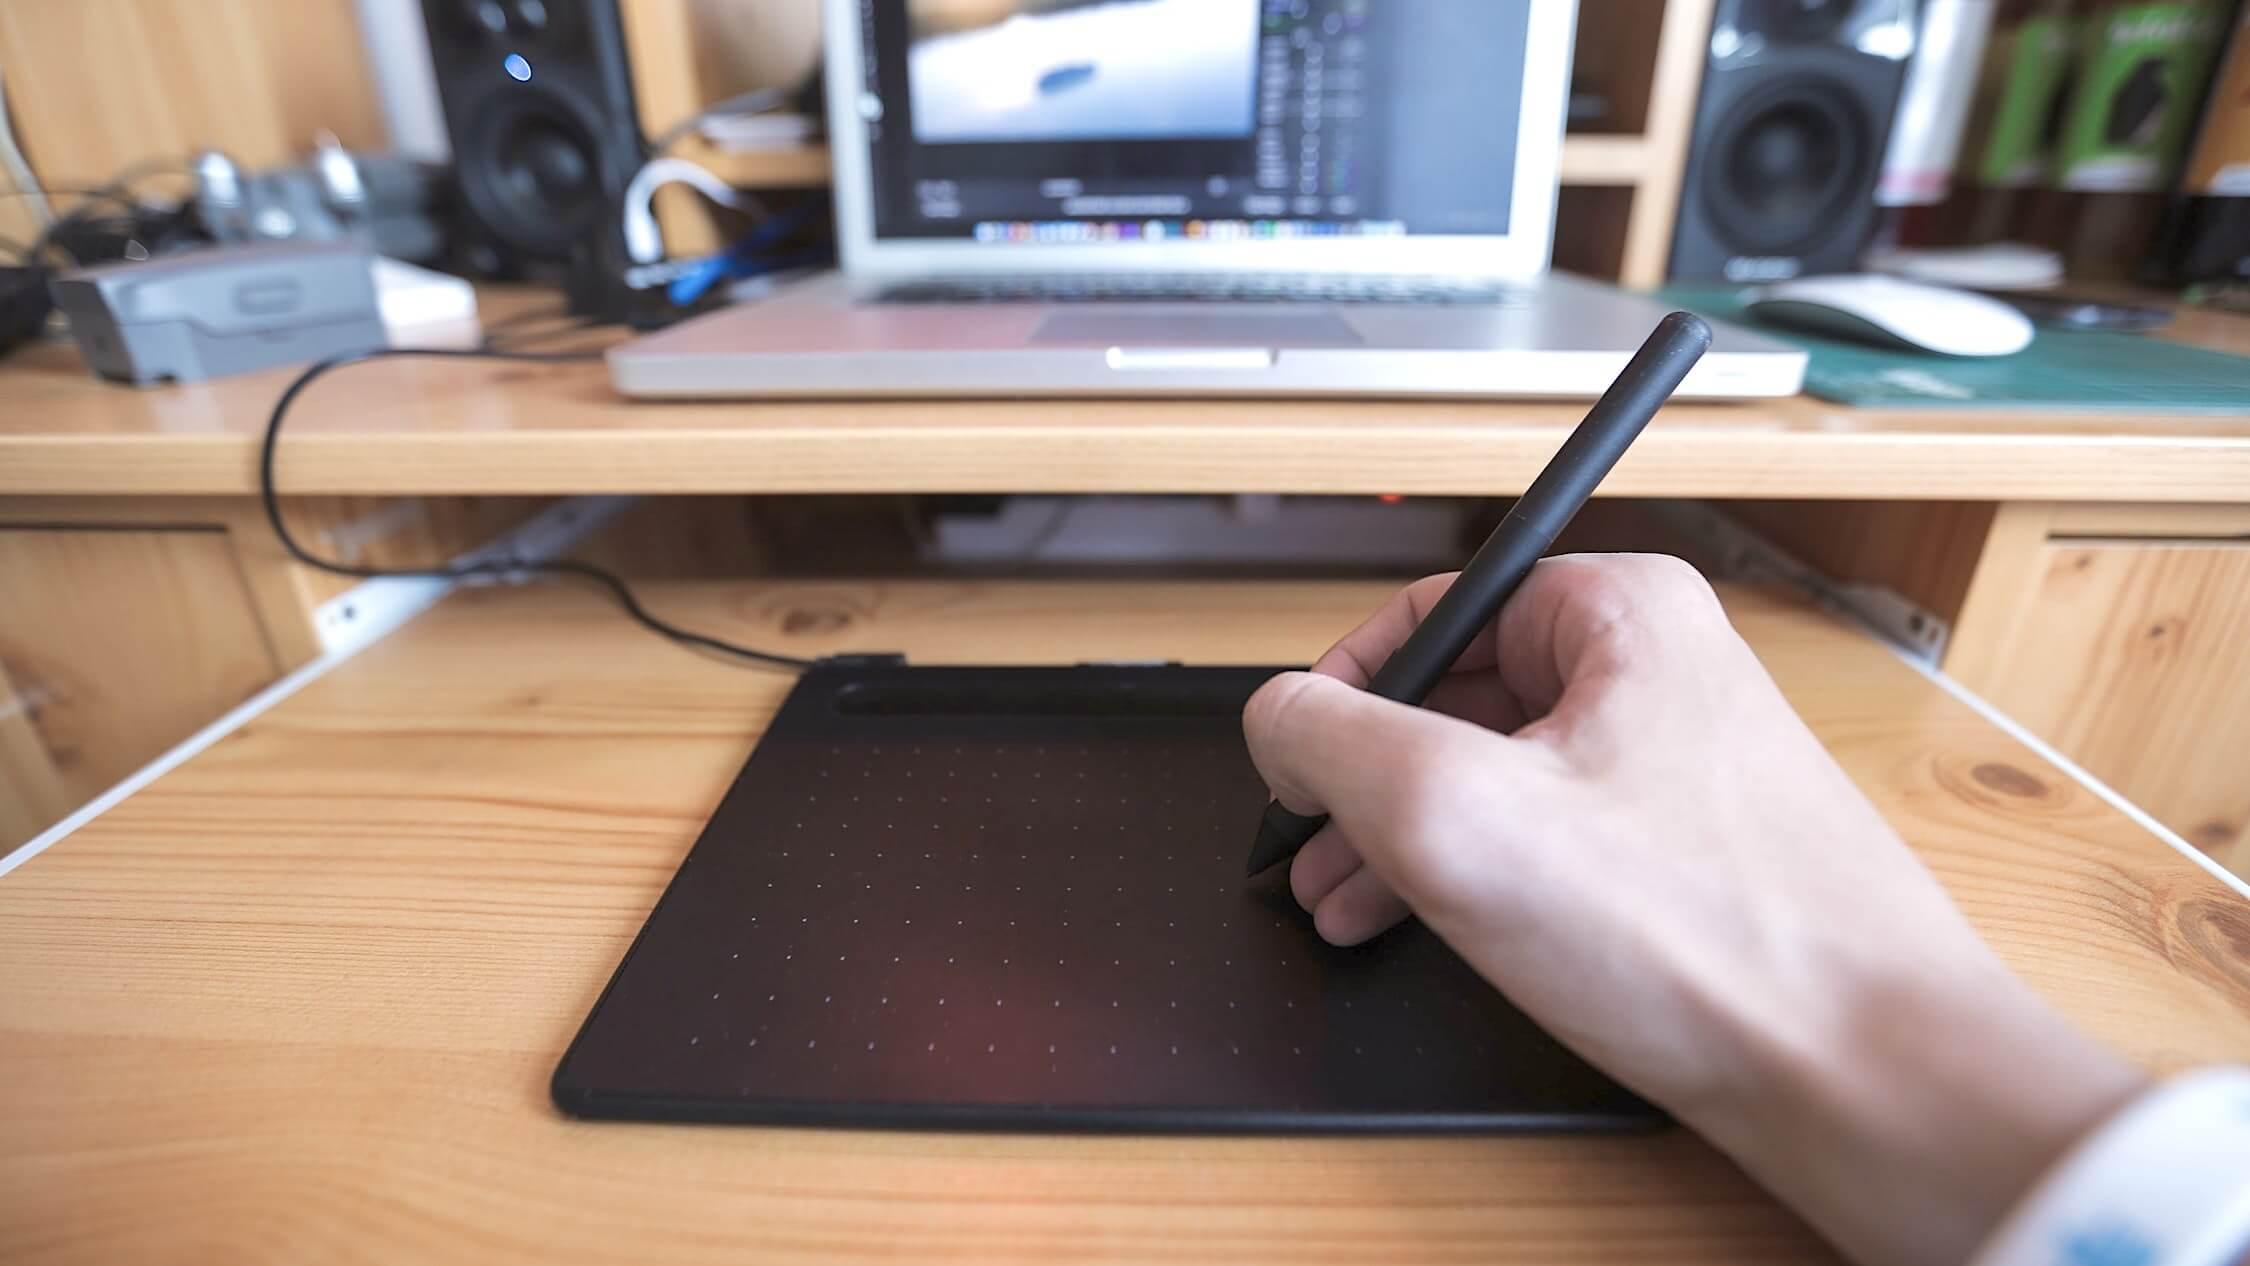 Краткая история компании Wacom: как технология графических планшетов пришла в электронные ридеры - 1